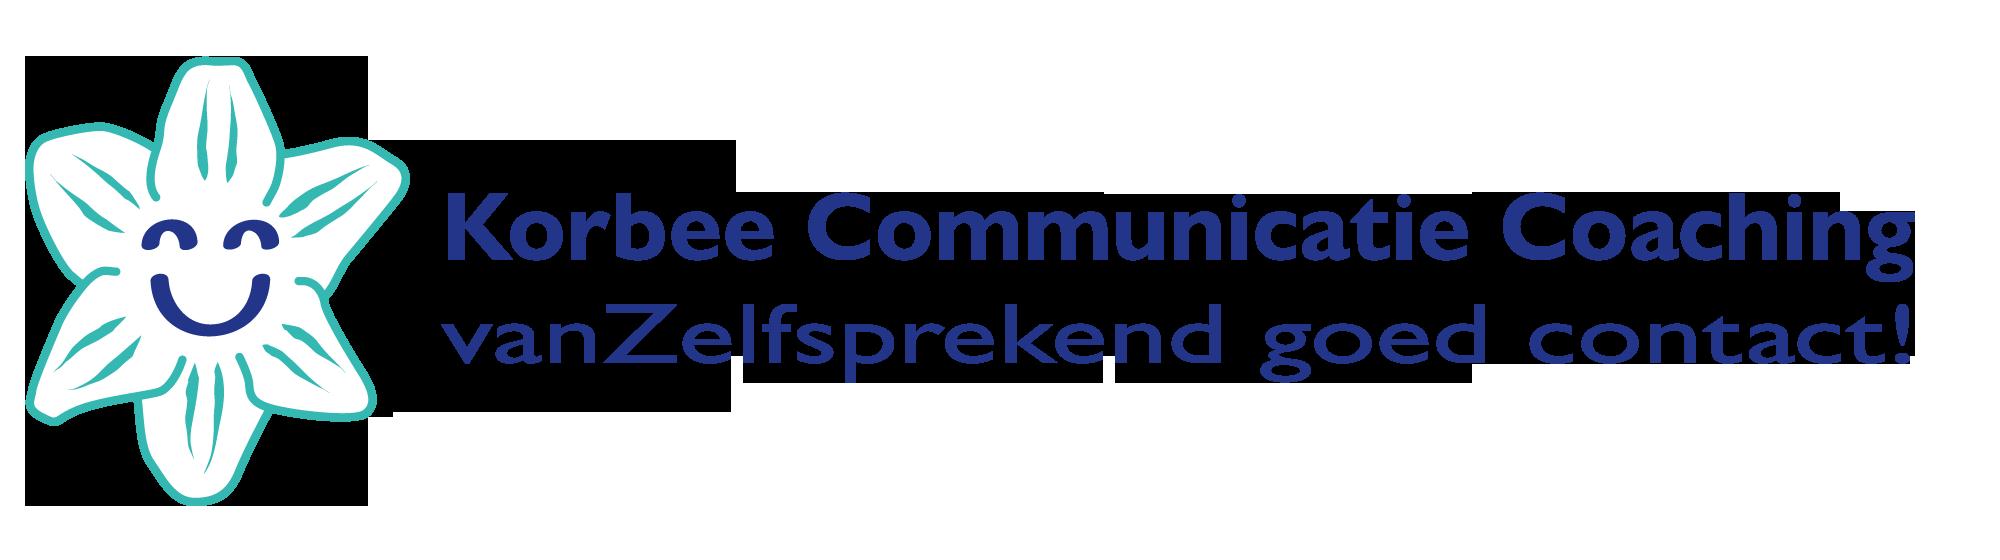 KorbeeCommunicatie